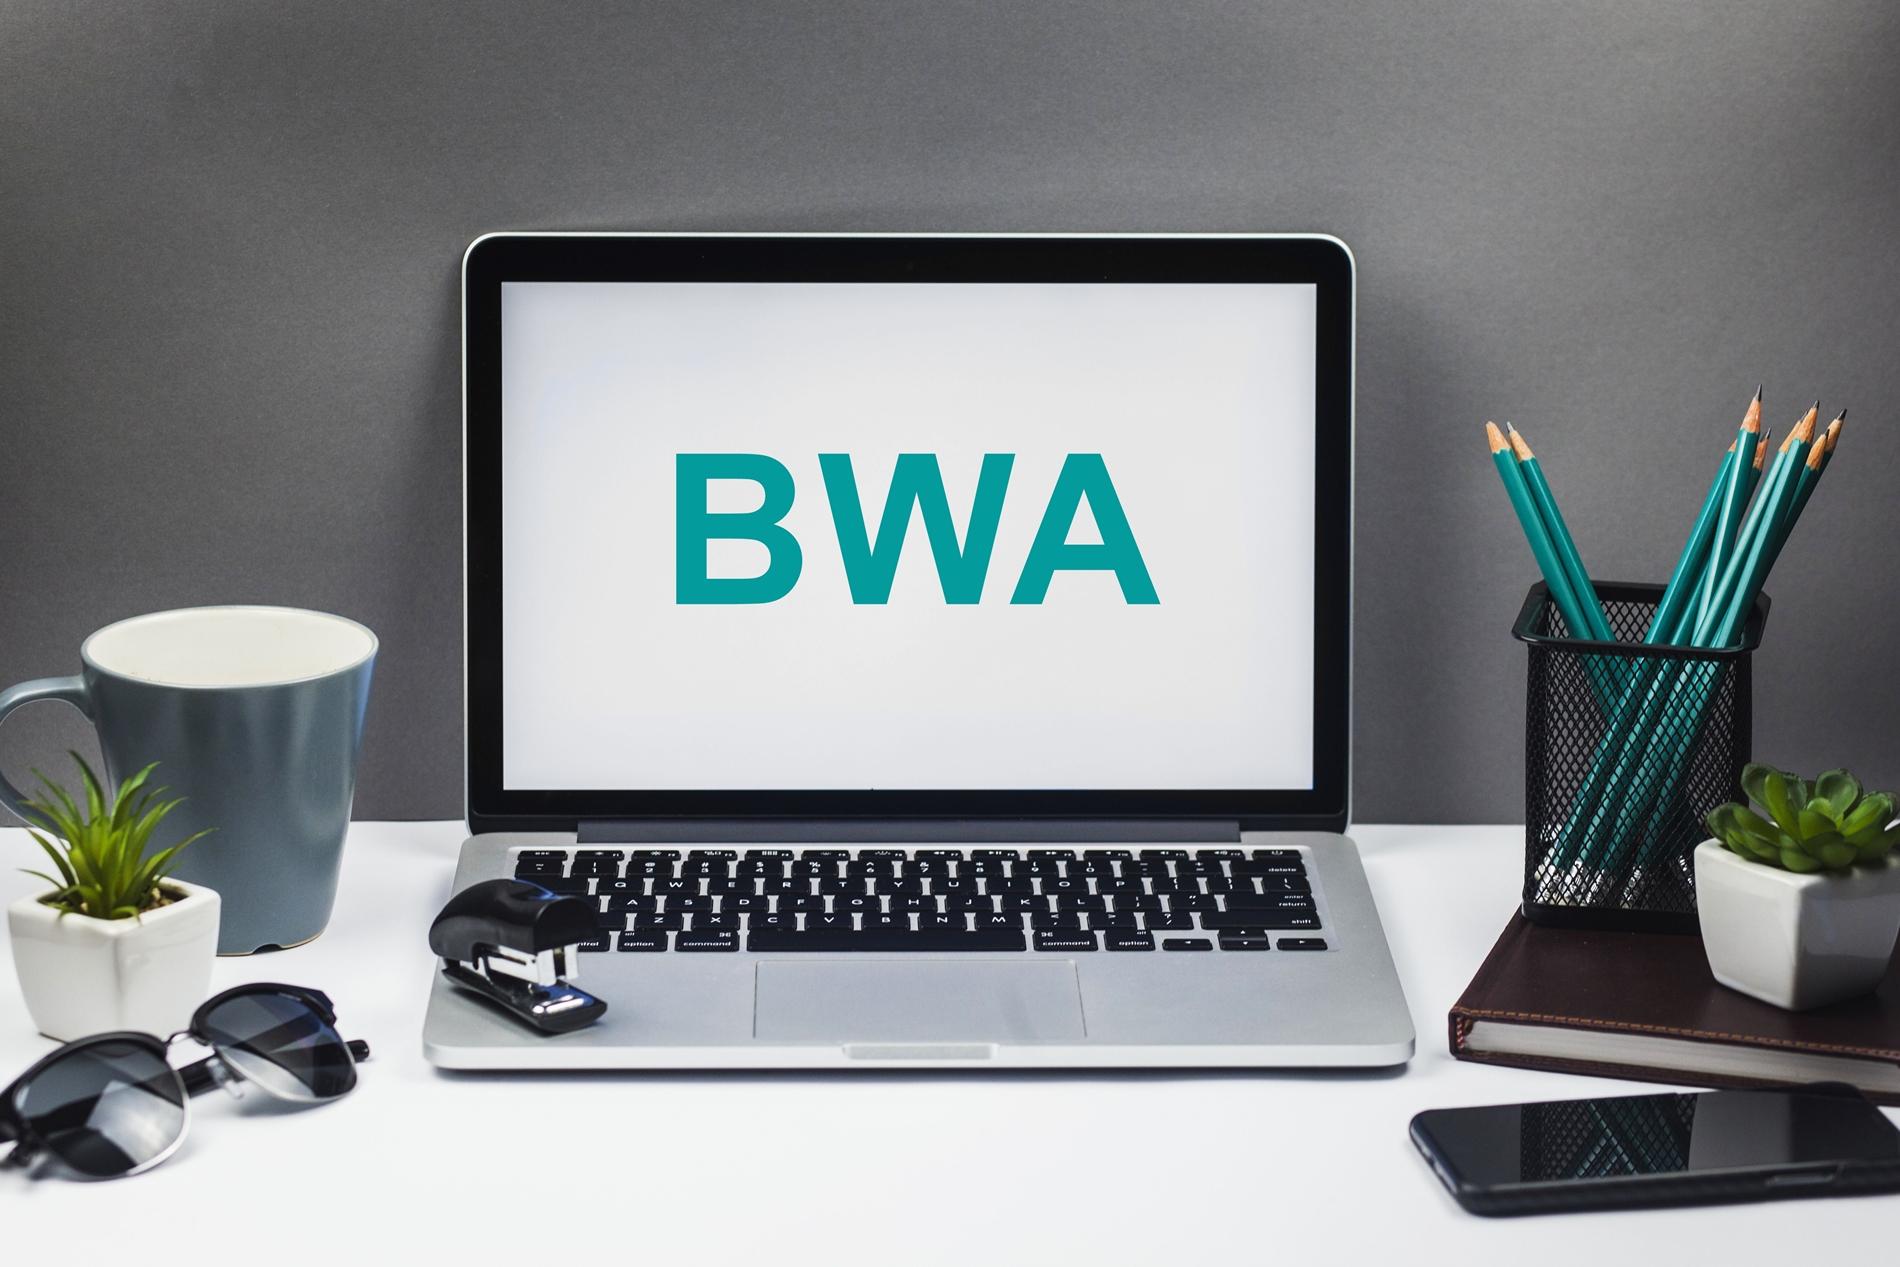 raportowanie finansowe bwa